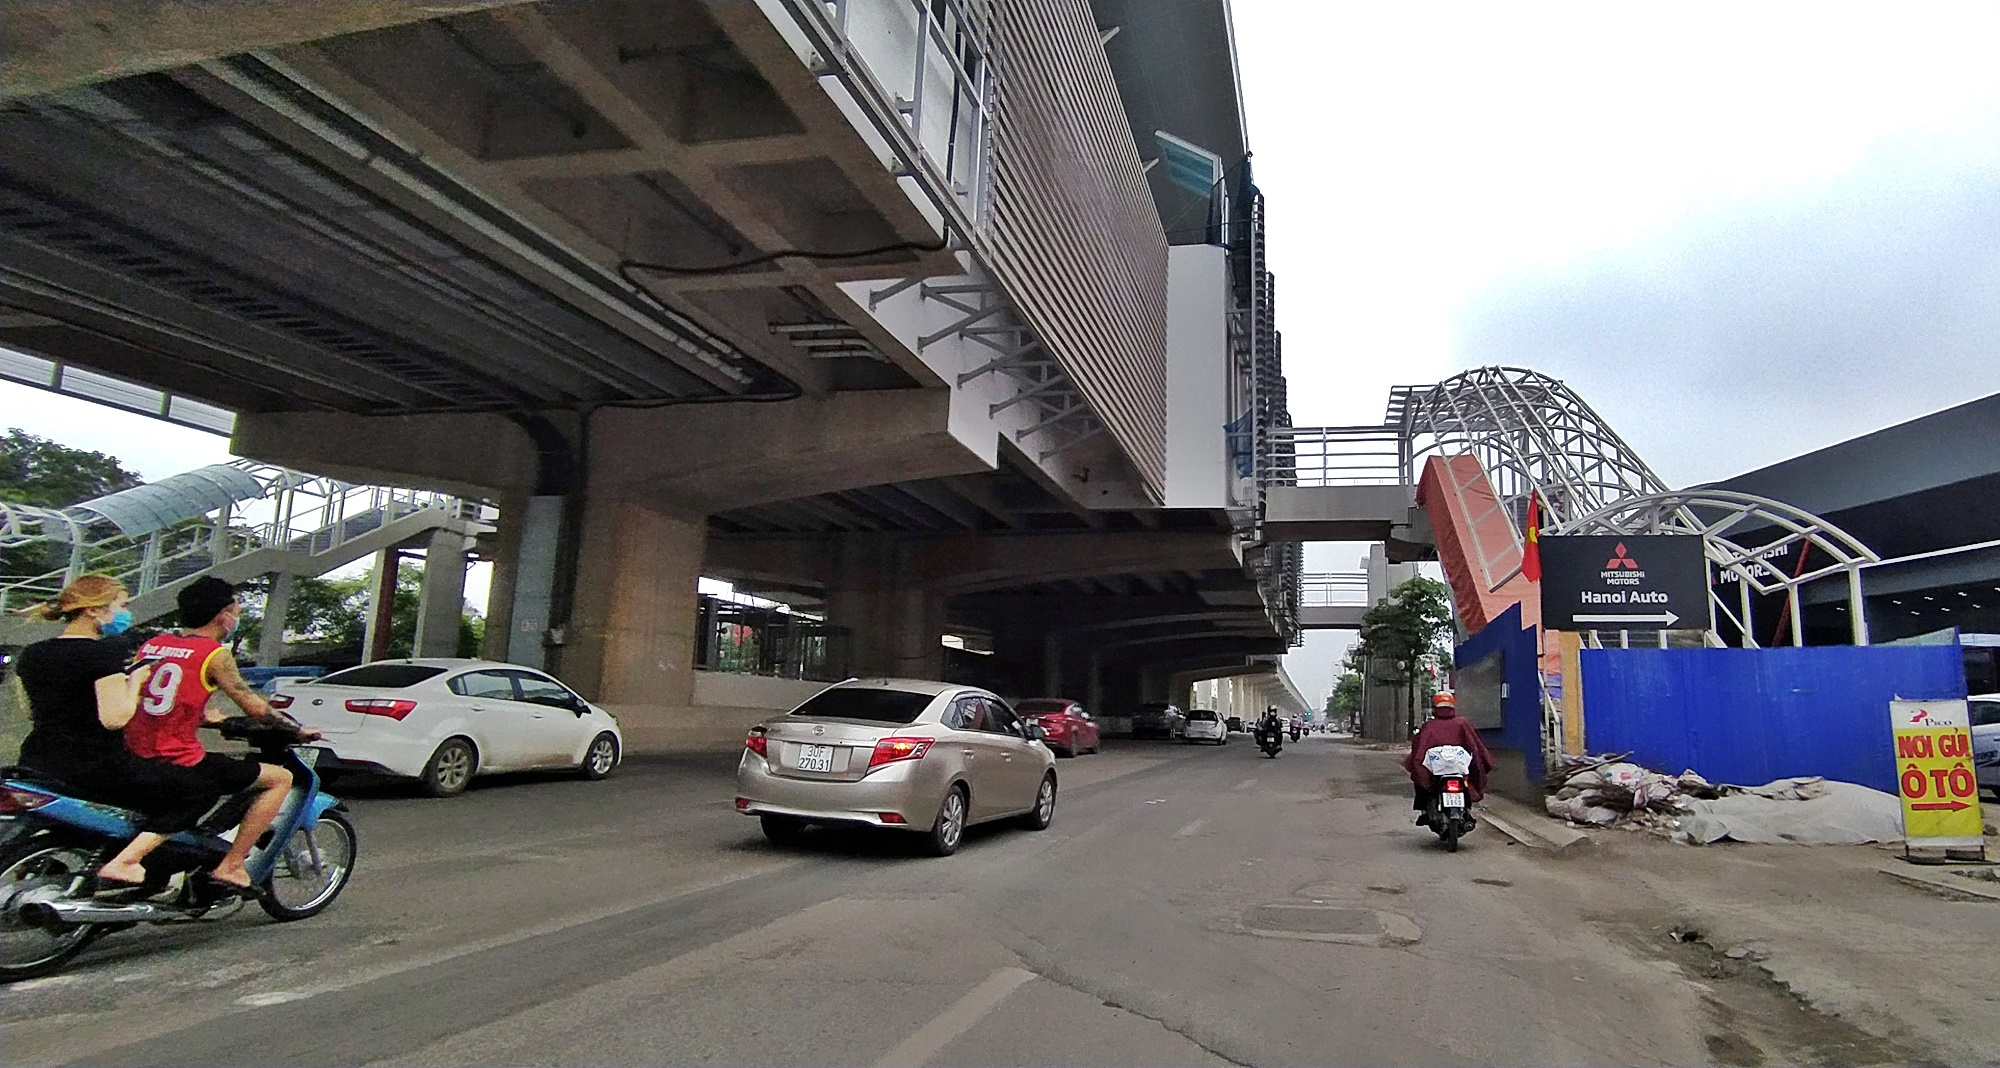 Hình ảnh đường sắt Nhổn - ga Hà Nội khi 'đến hẹn' vận hành đoạn trên cao - Ảnh 12.